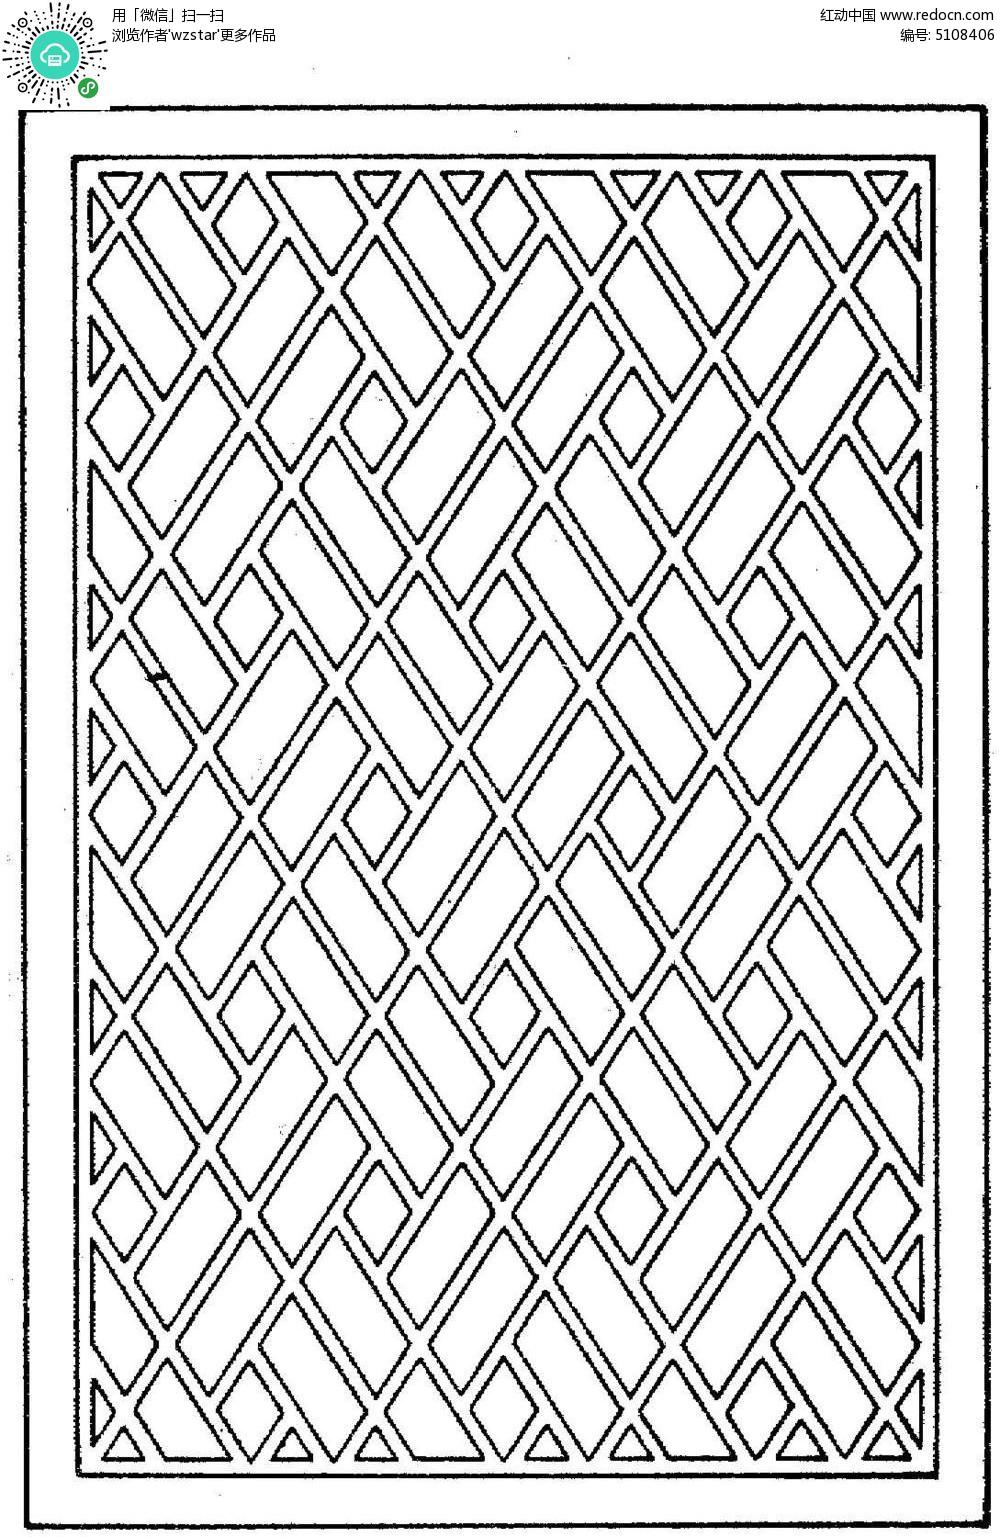 菱形镂空   雕刻图案